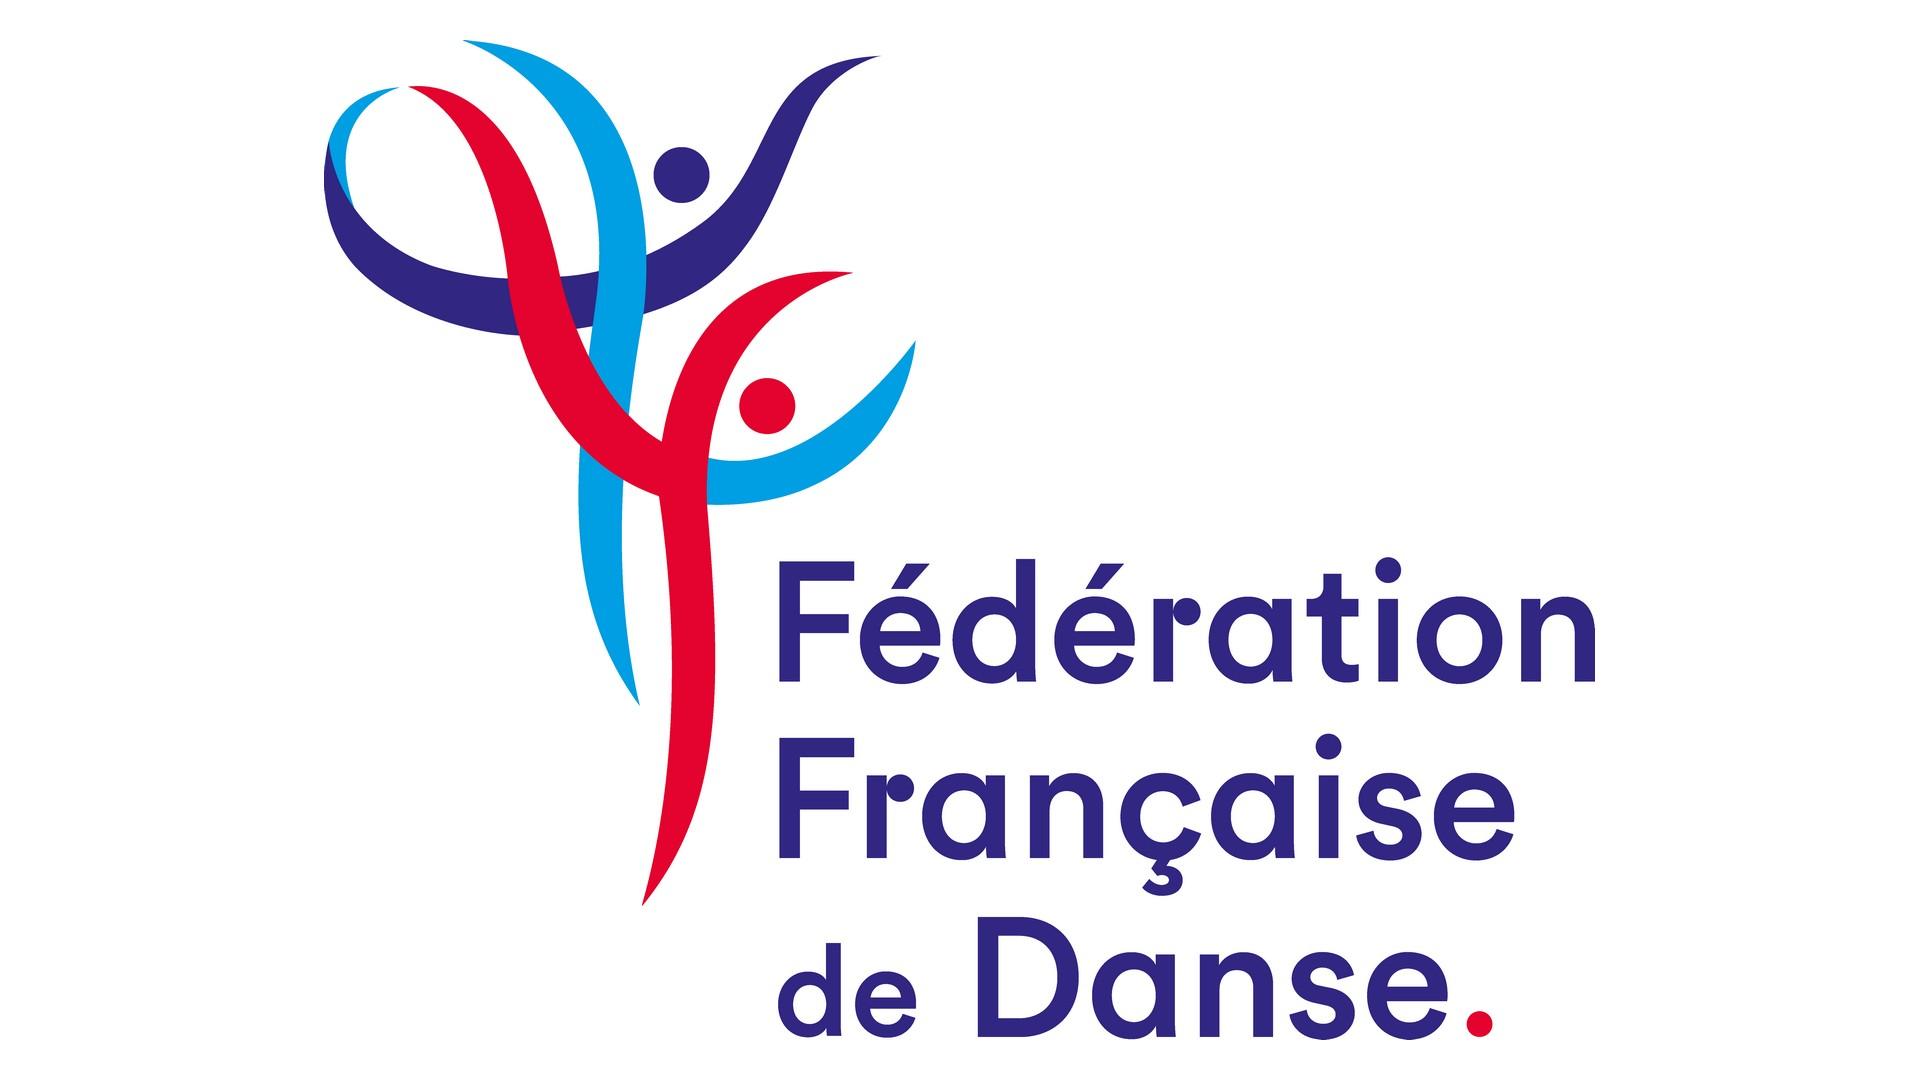 Fédération française de danse (1) logo